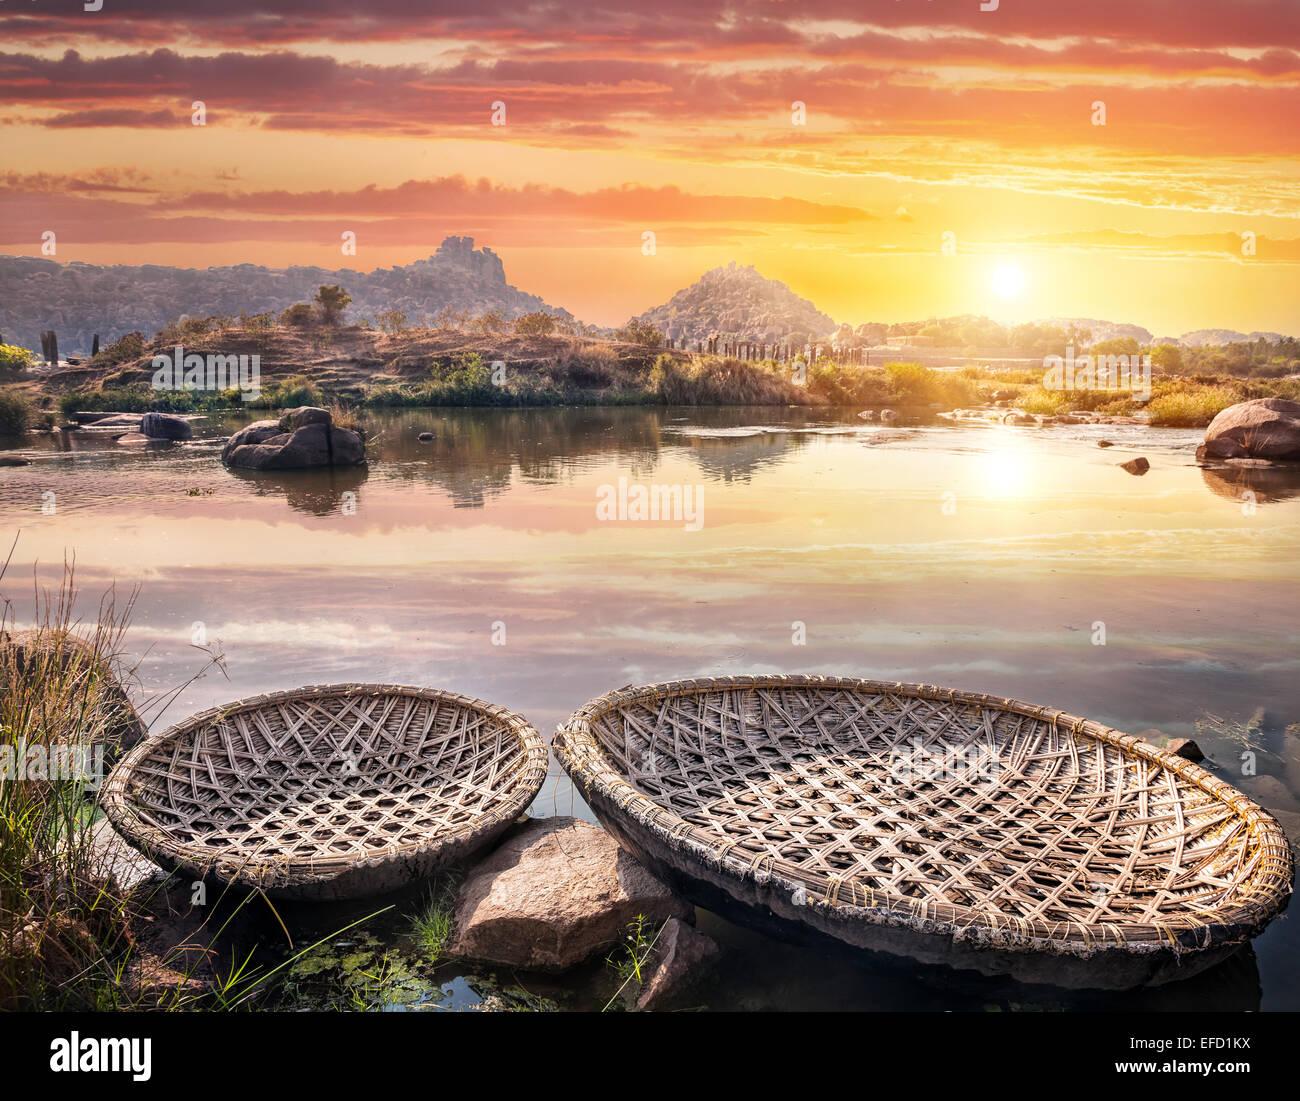 La forme ronde des bateaux sur la rivière Tungabhadra au coucher du soleil Ciel dans Hampi, Karnataka, Inde Photo Stock